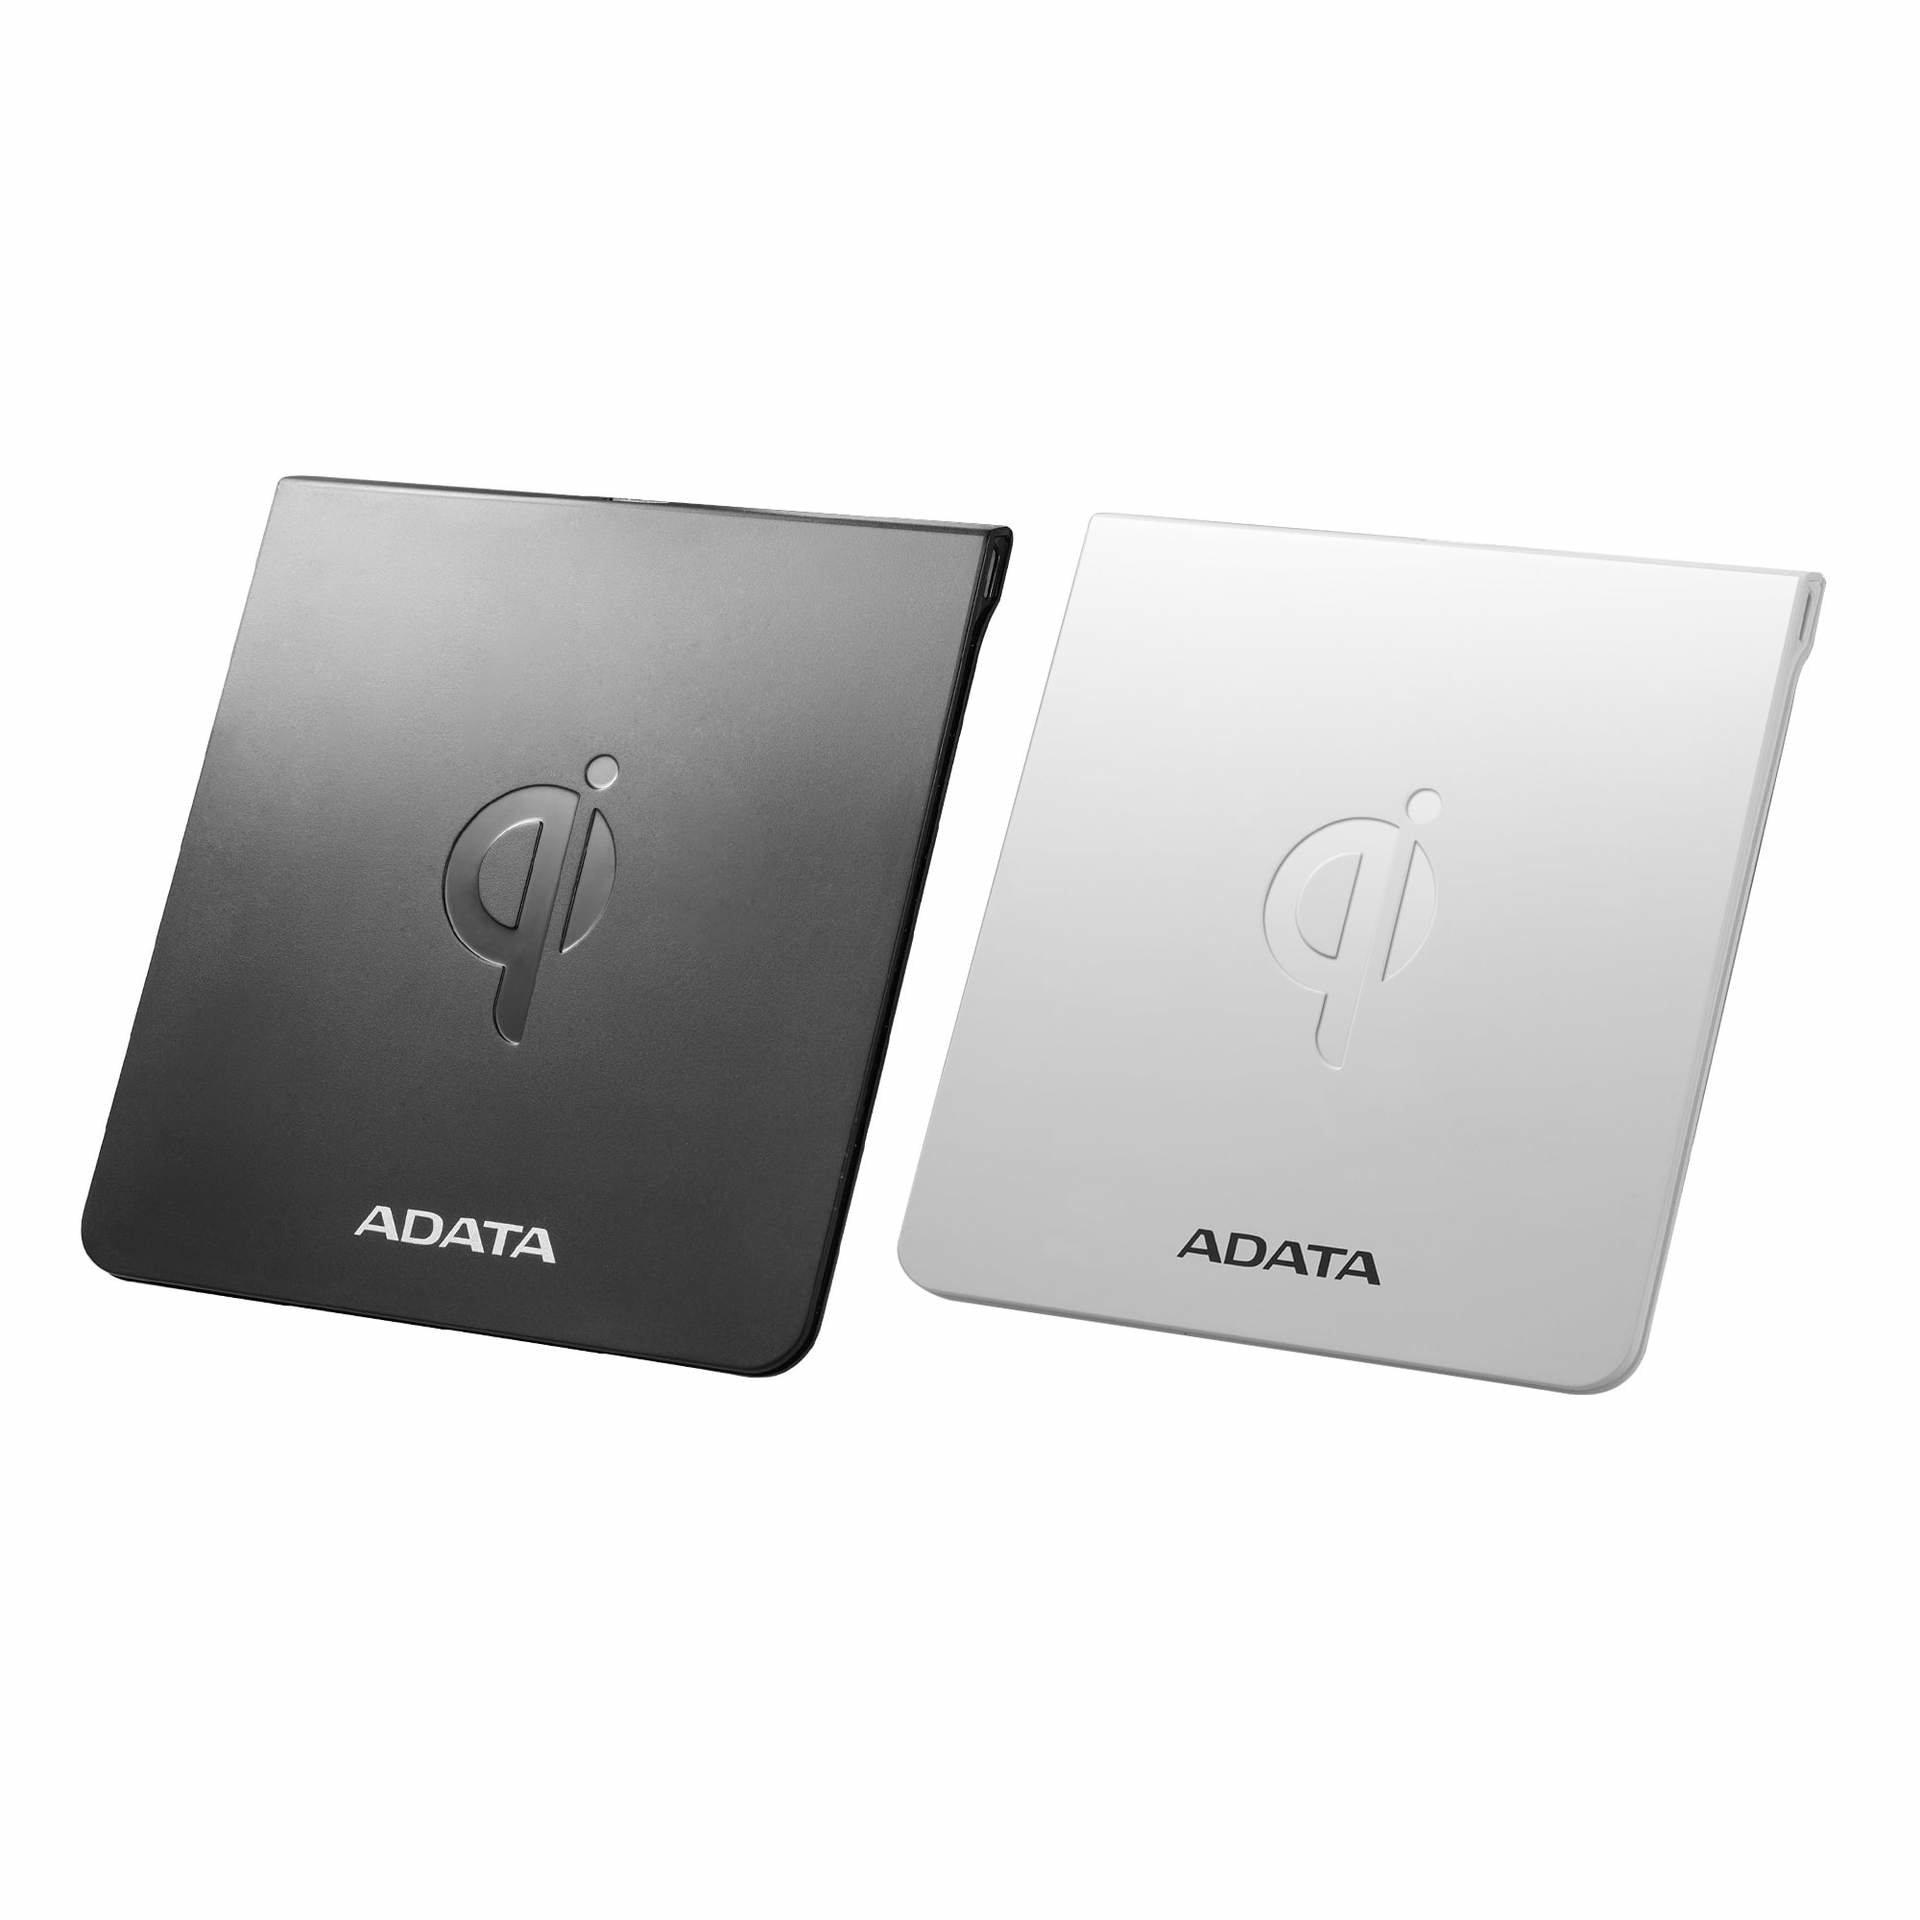 ADATA CW0050 – bezprzewodowa ładowarka zgodna ze standardem Qi